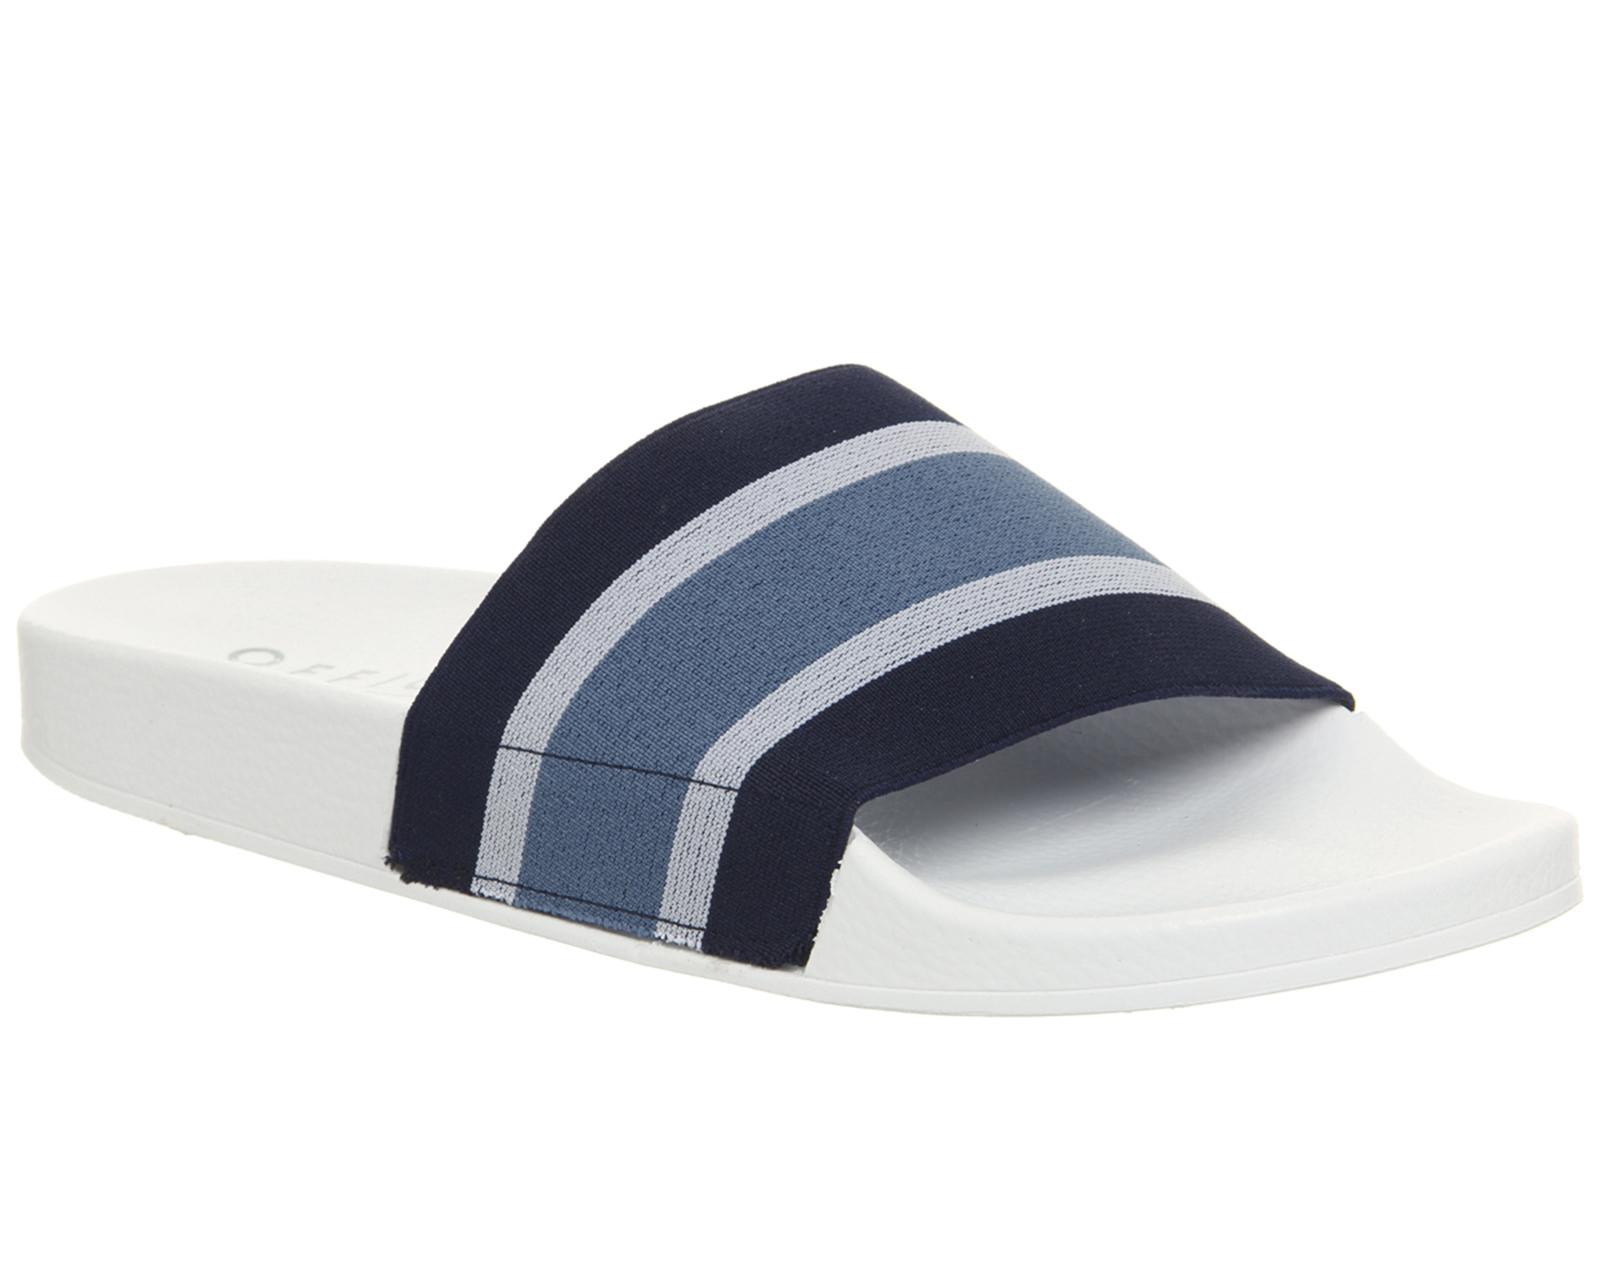 84b306e19125 Sentinel Mens Office Flume Elastic Slides Navy Stripe Sandals